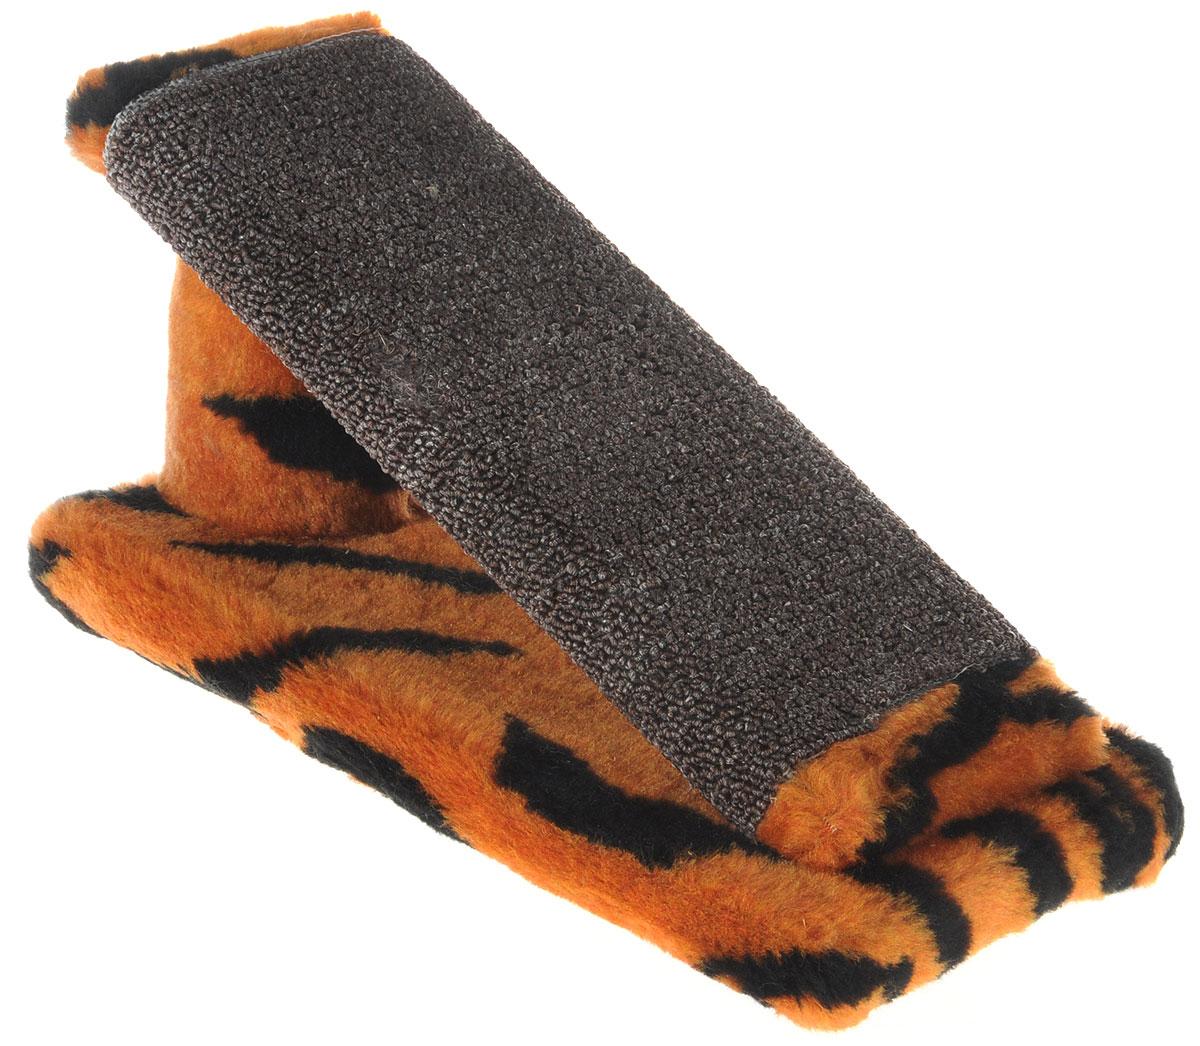 Когтеточка для котят Меридиан Горка, цвет: оранжевый, черный, коричневый, 29 х 14 х 14 смК704ТКогтеточка Меридиан Горка предназначена для стачивания когтей вашего котенка и предотвращения их врастания. Она выполнена из ДВП, ДСП и искусственного меха. Точатся когти о накладку из ковролина. Когтеточка позволяет сохранить неповрежденными мебель и другие предметы интерьера.